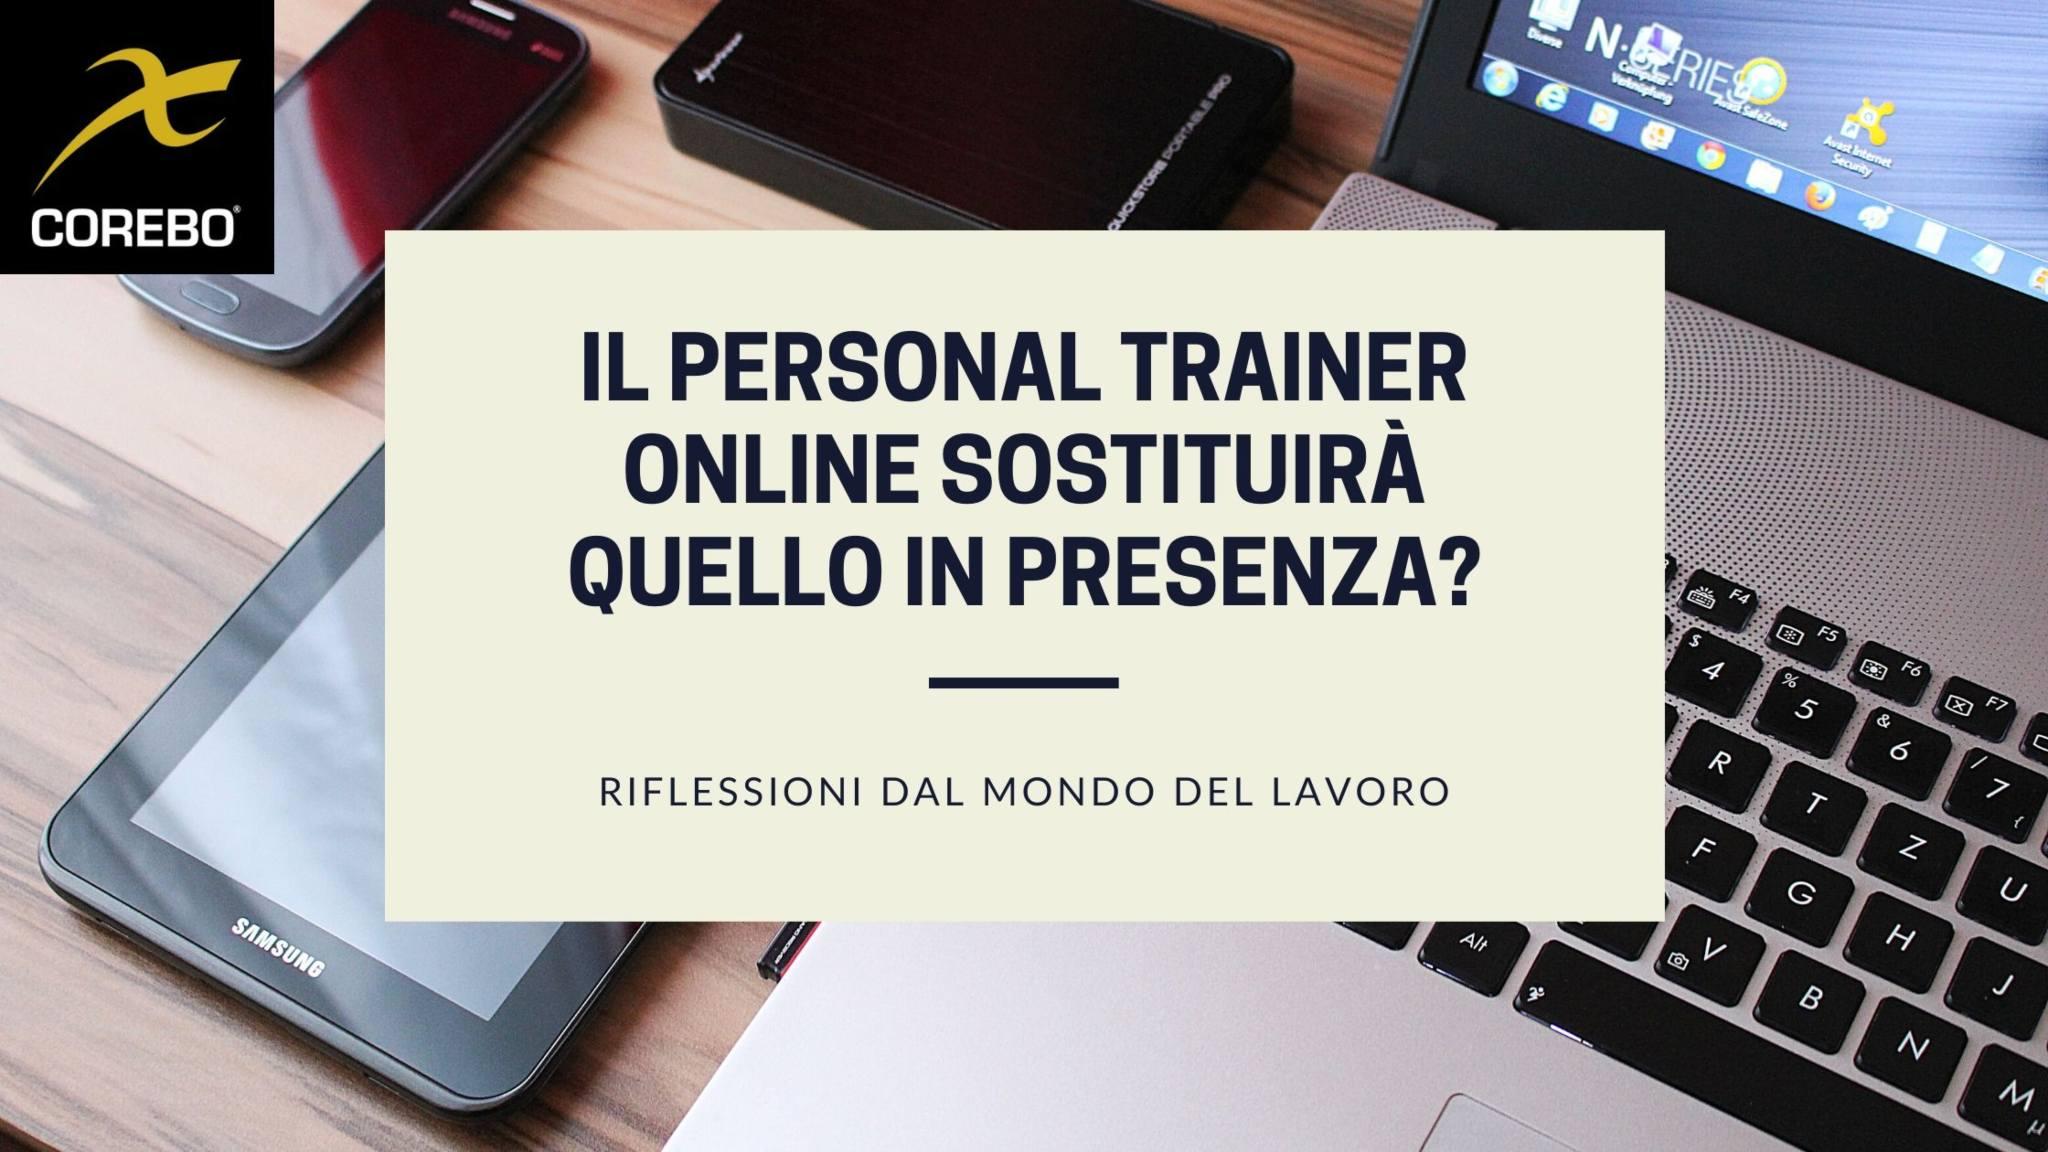 Il personal trainer online sostituirà quello in presenza